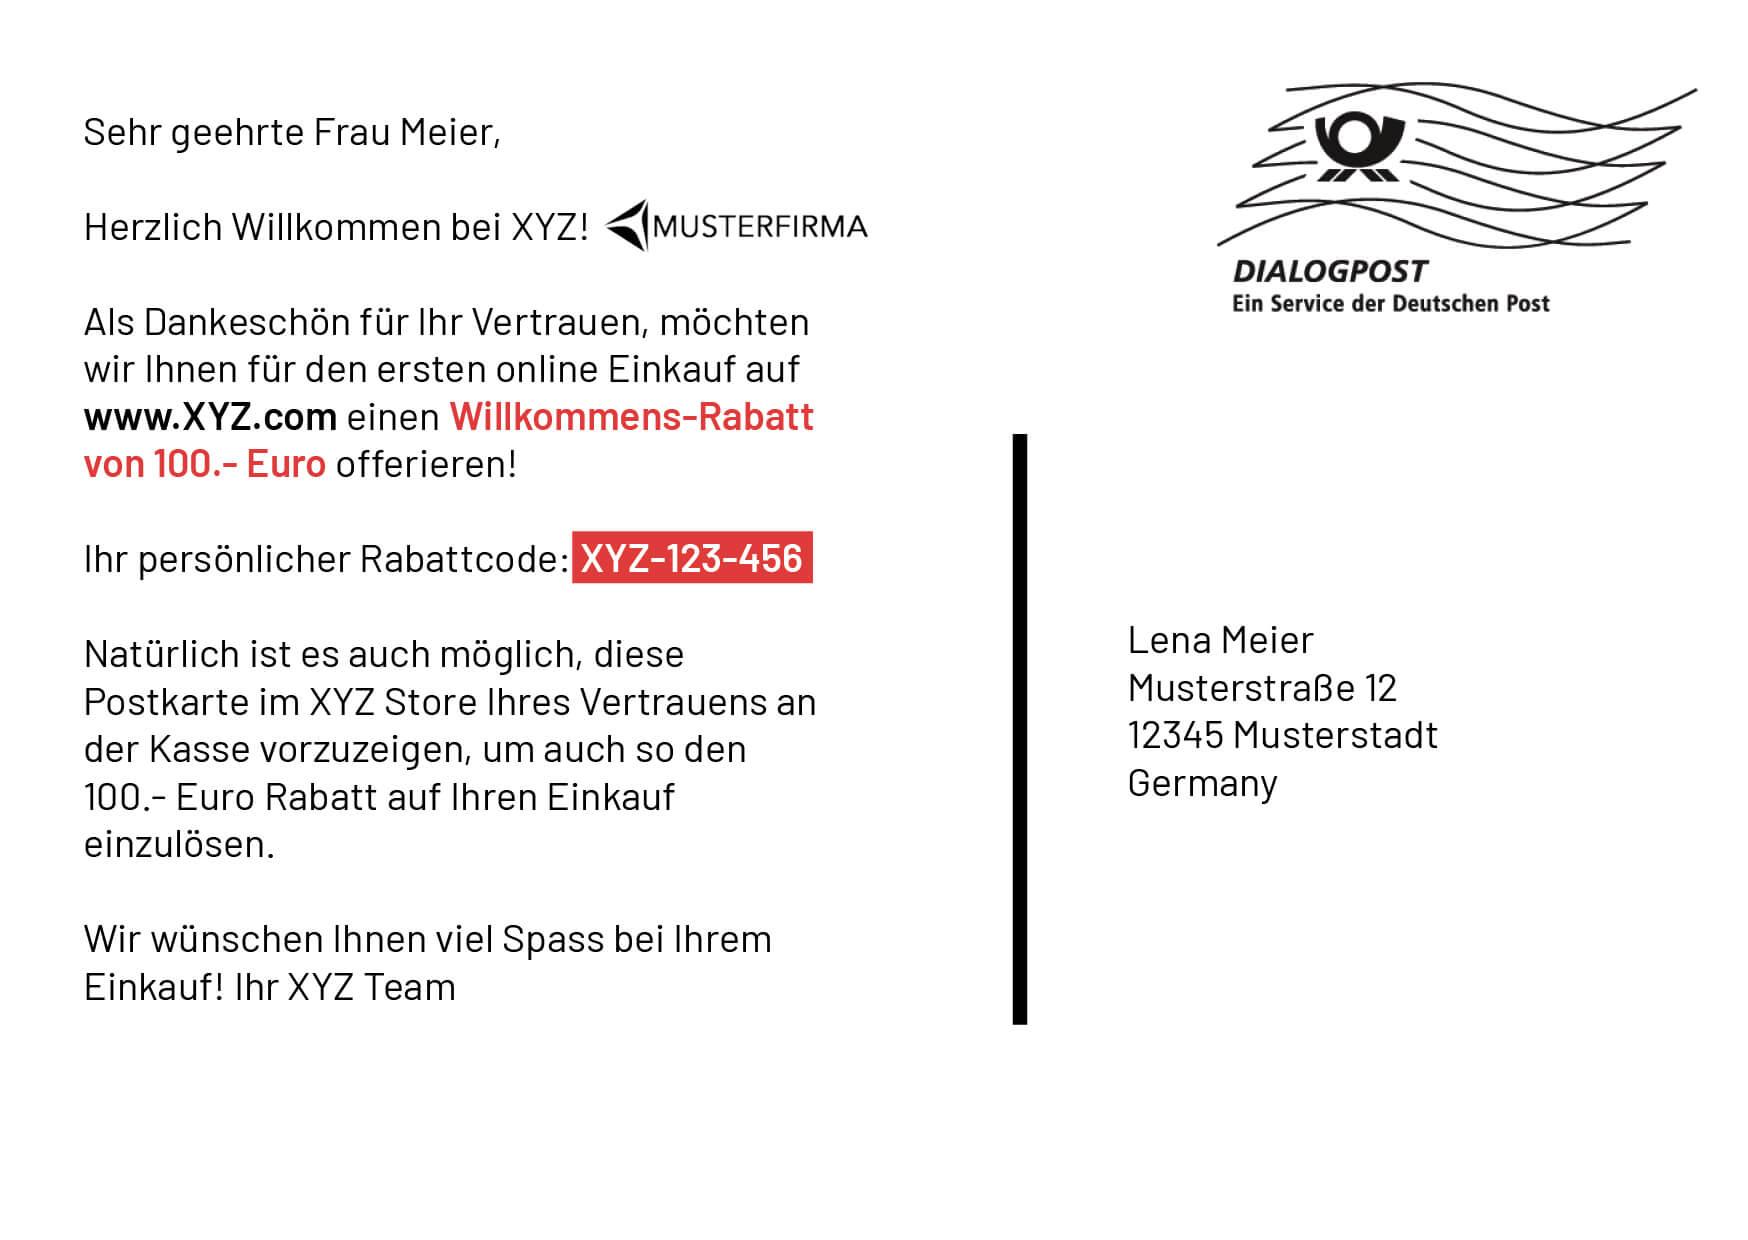 Beispielkarte Partner Lufthansa hinten